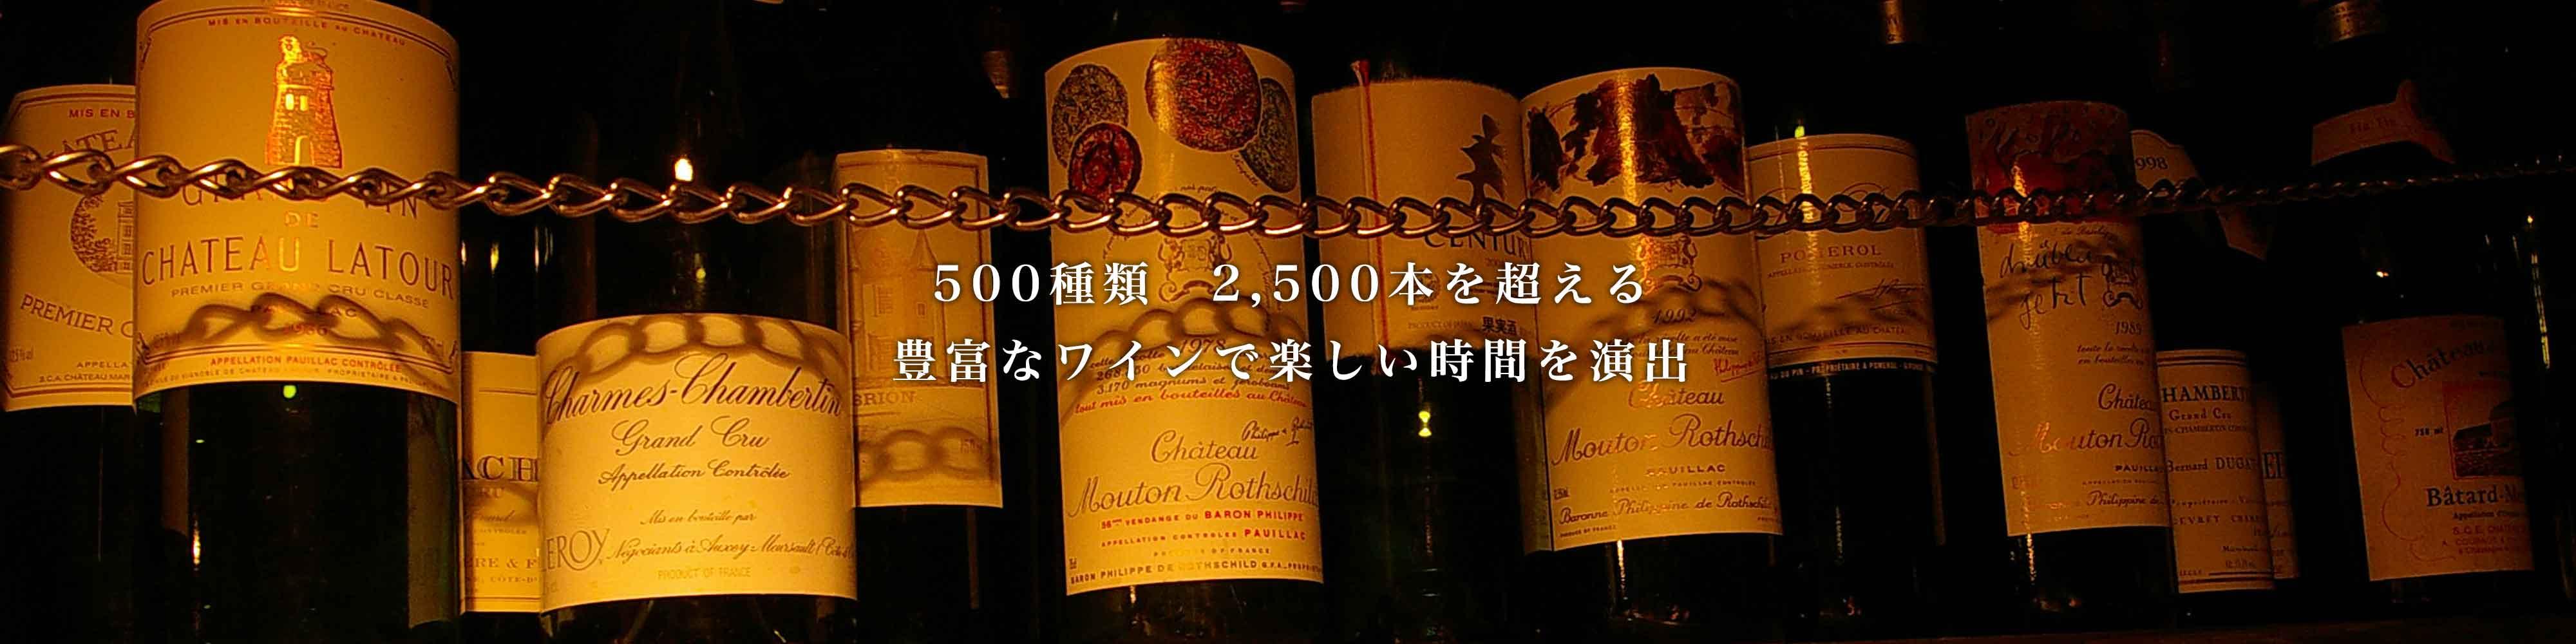 500種類 2,500本を超える豊富なワインで、楽しい時間を演出